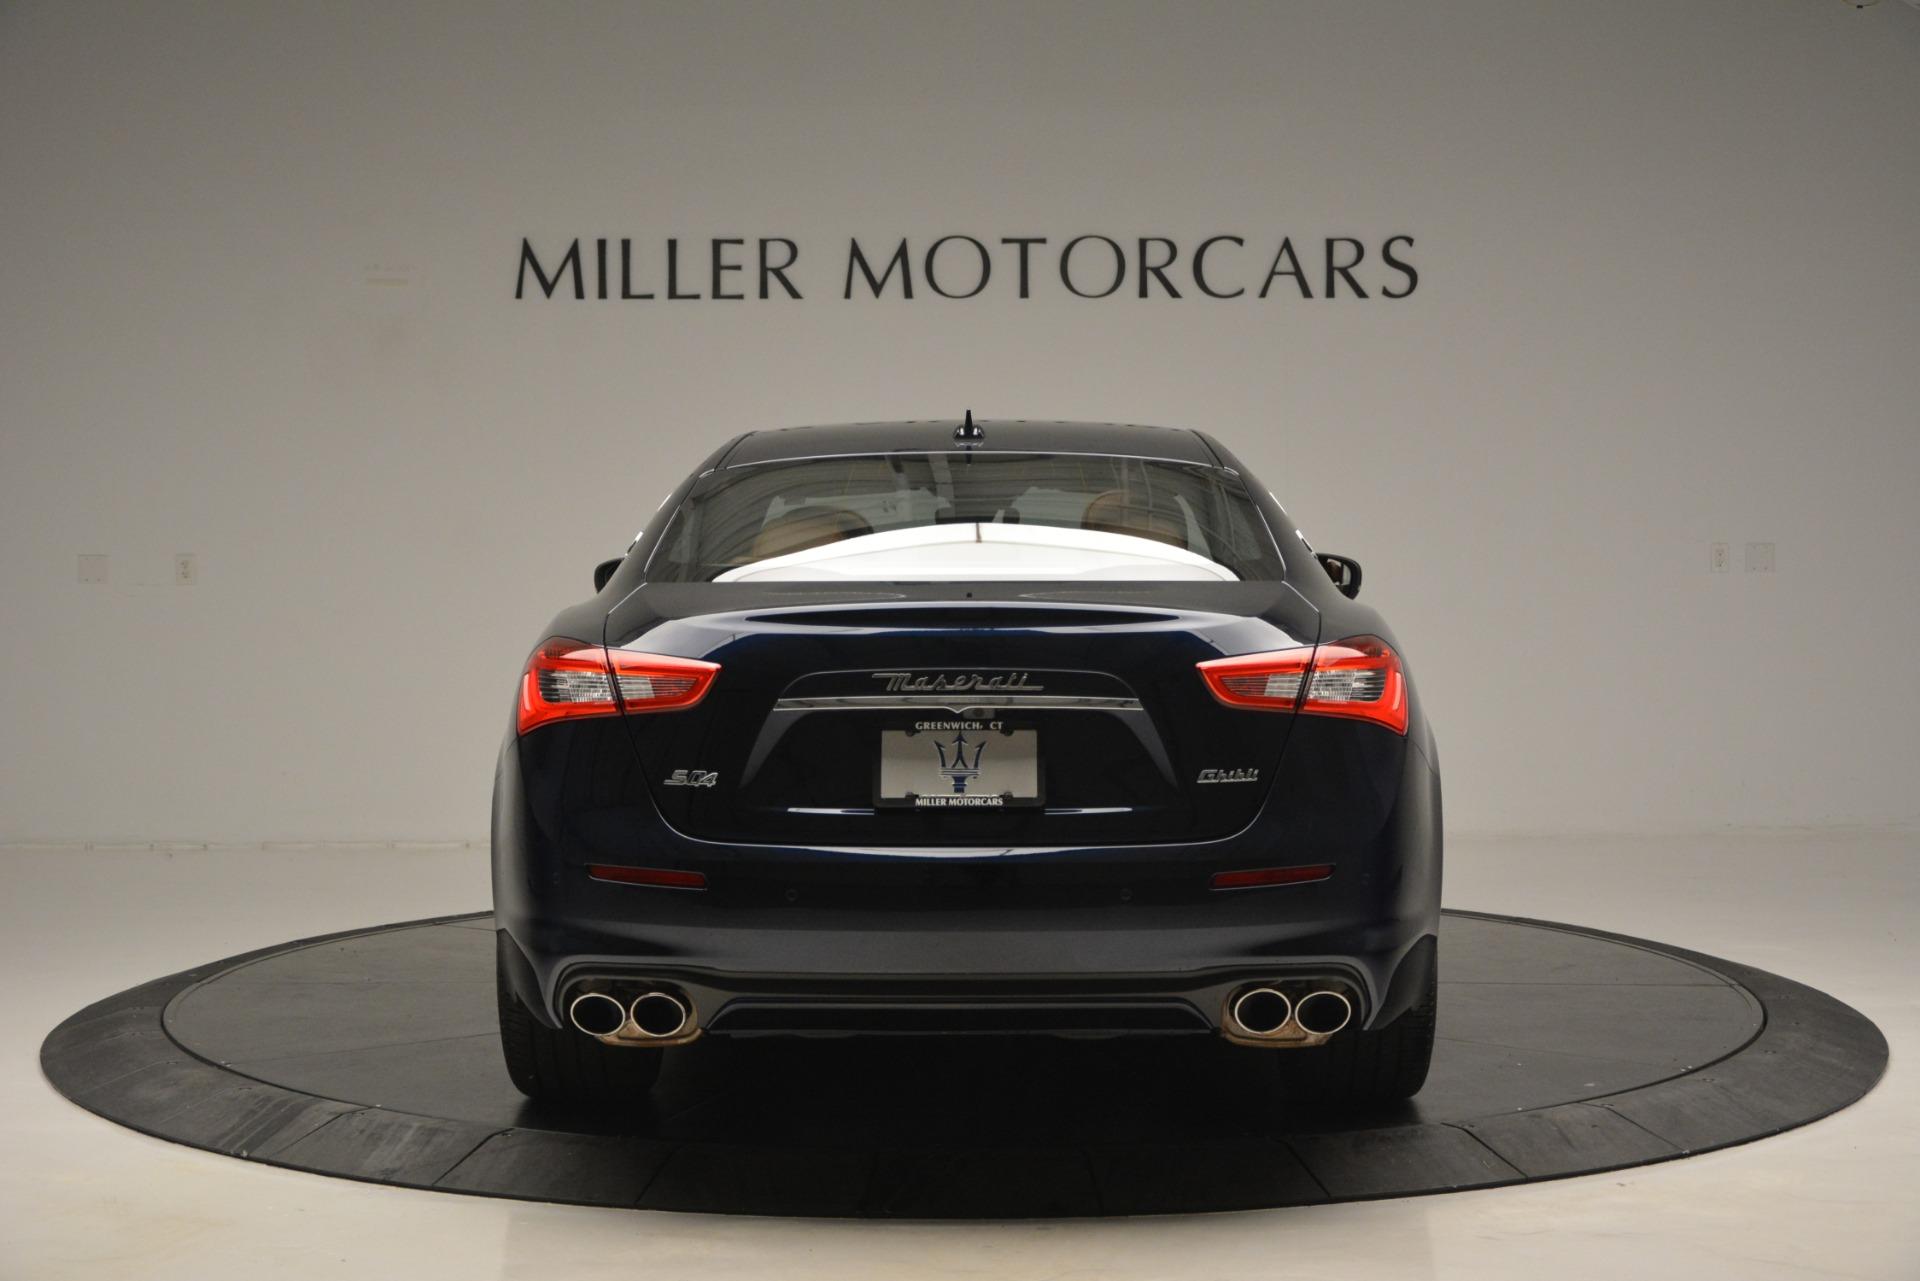 New 2019 Maserati Ghibli S Q4 GranLusso For Sale 97705 In Greenwich, CT